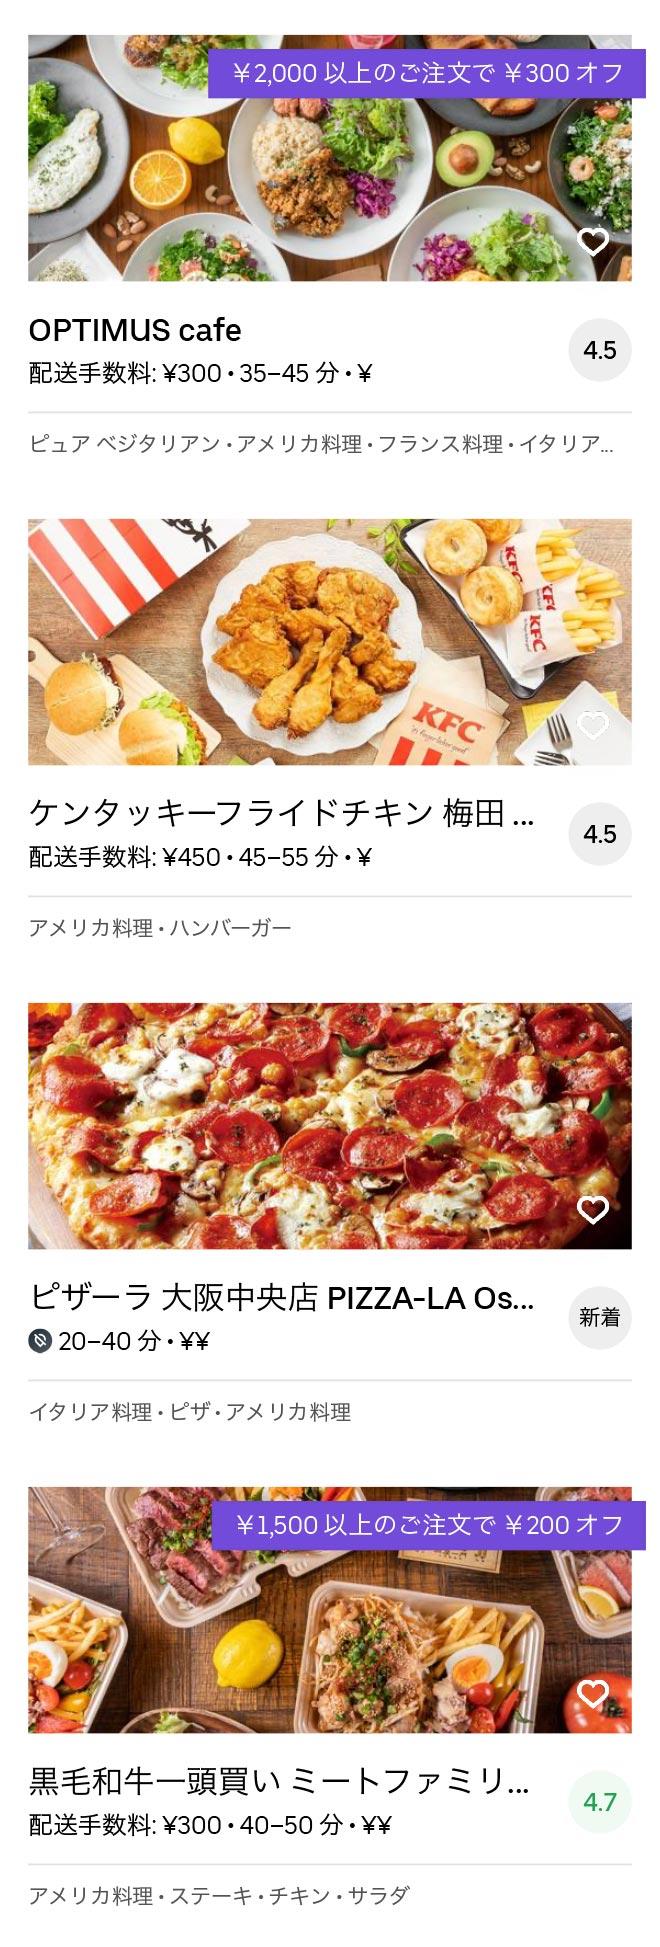 Osaka nanba menu 2005 03